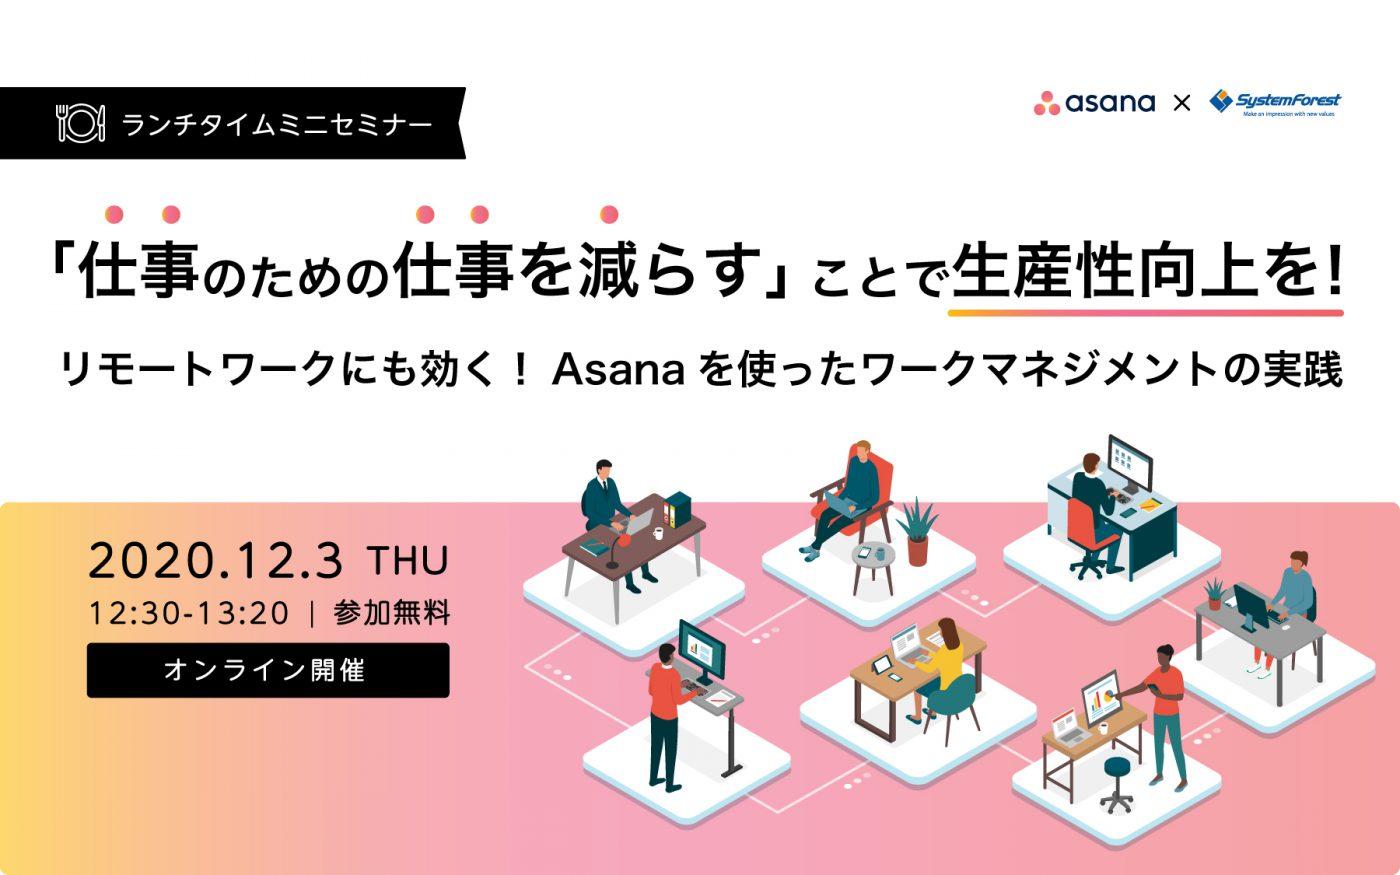 [WEBセミナー開催]「仕事のための仕事を減らす」ことで生産性向上を! リモートワークにも効く!Asanaを使ったワークマネジメントの実践